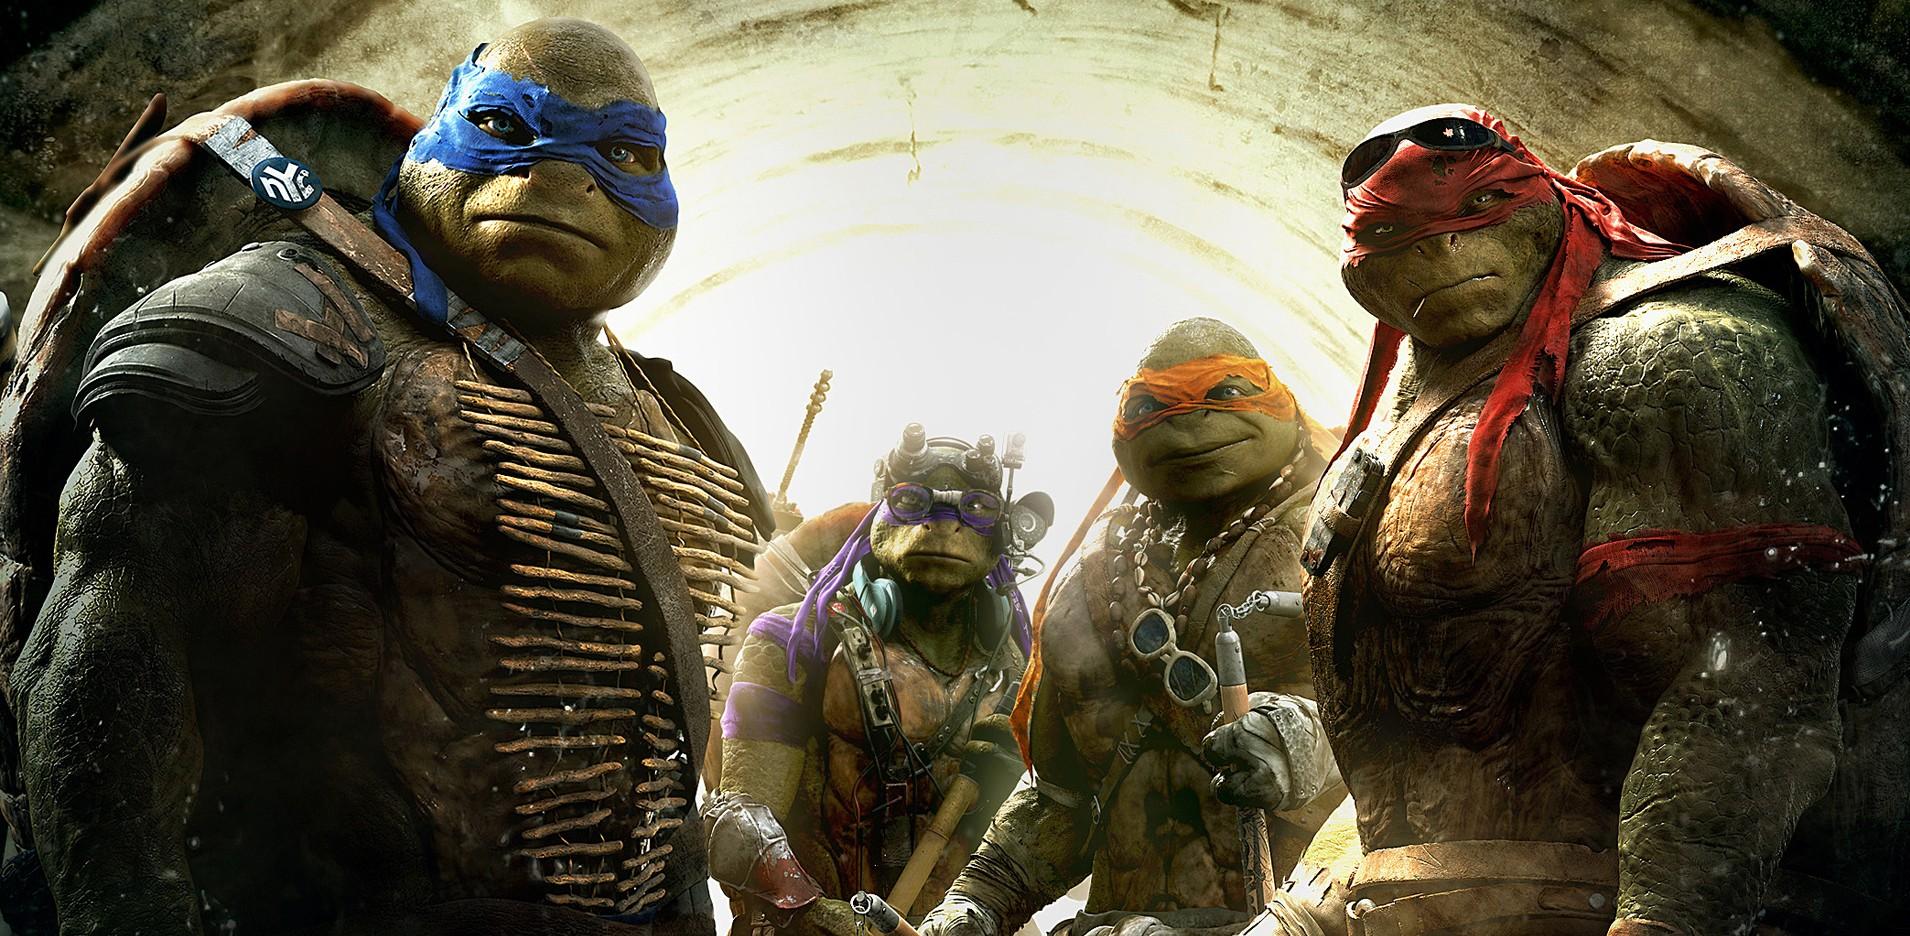 Teenage Mutant Ninja Turtles 2014 Review Btg Lifestyle